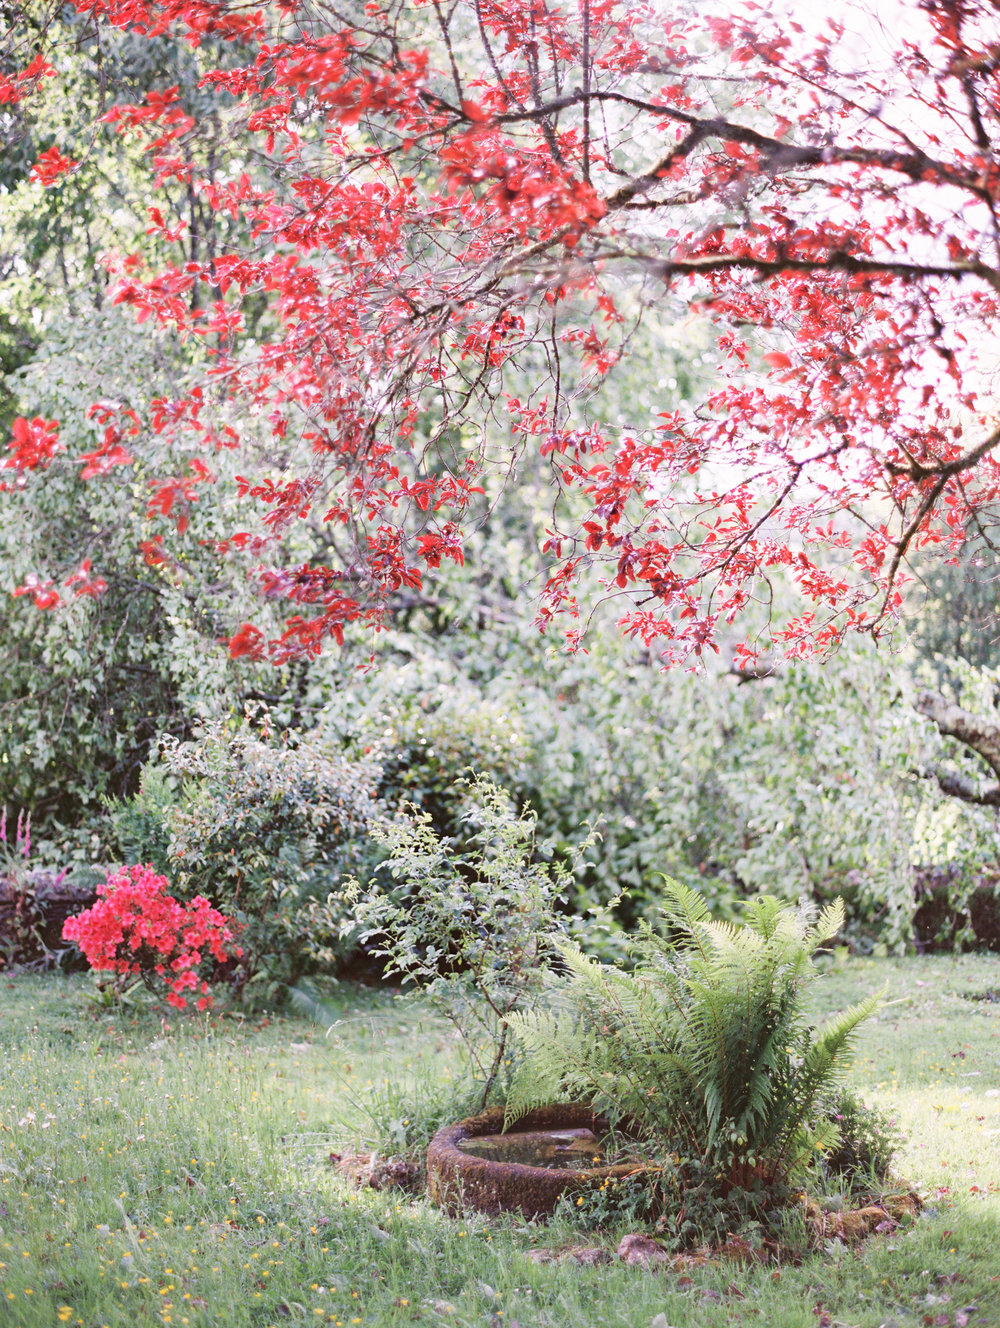 The garden at Botelet Farm